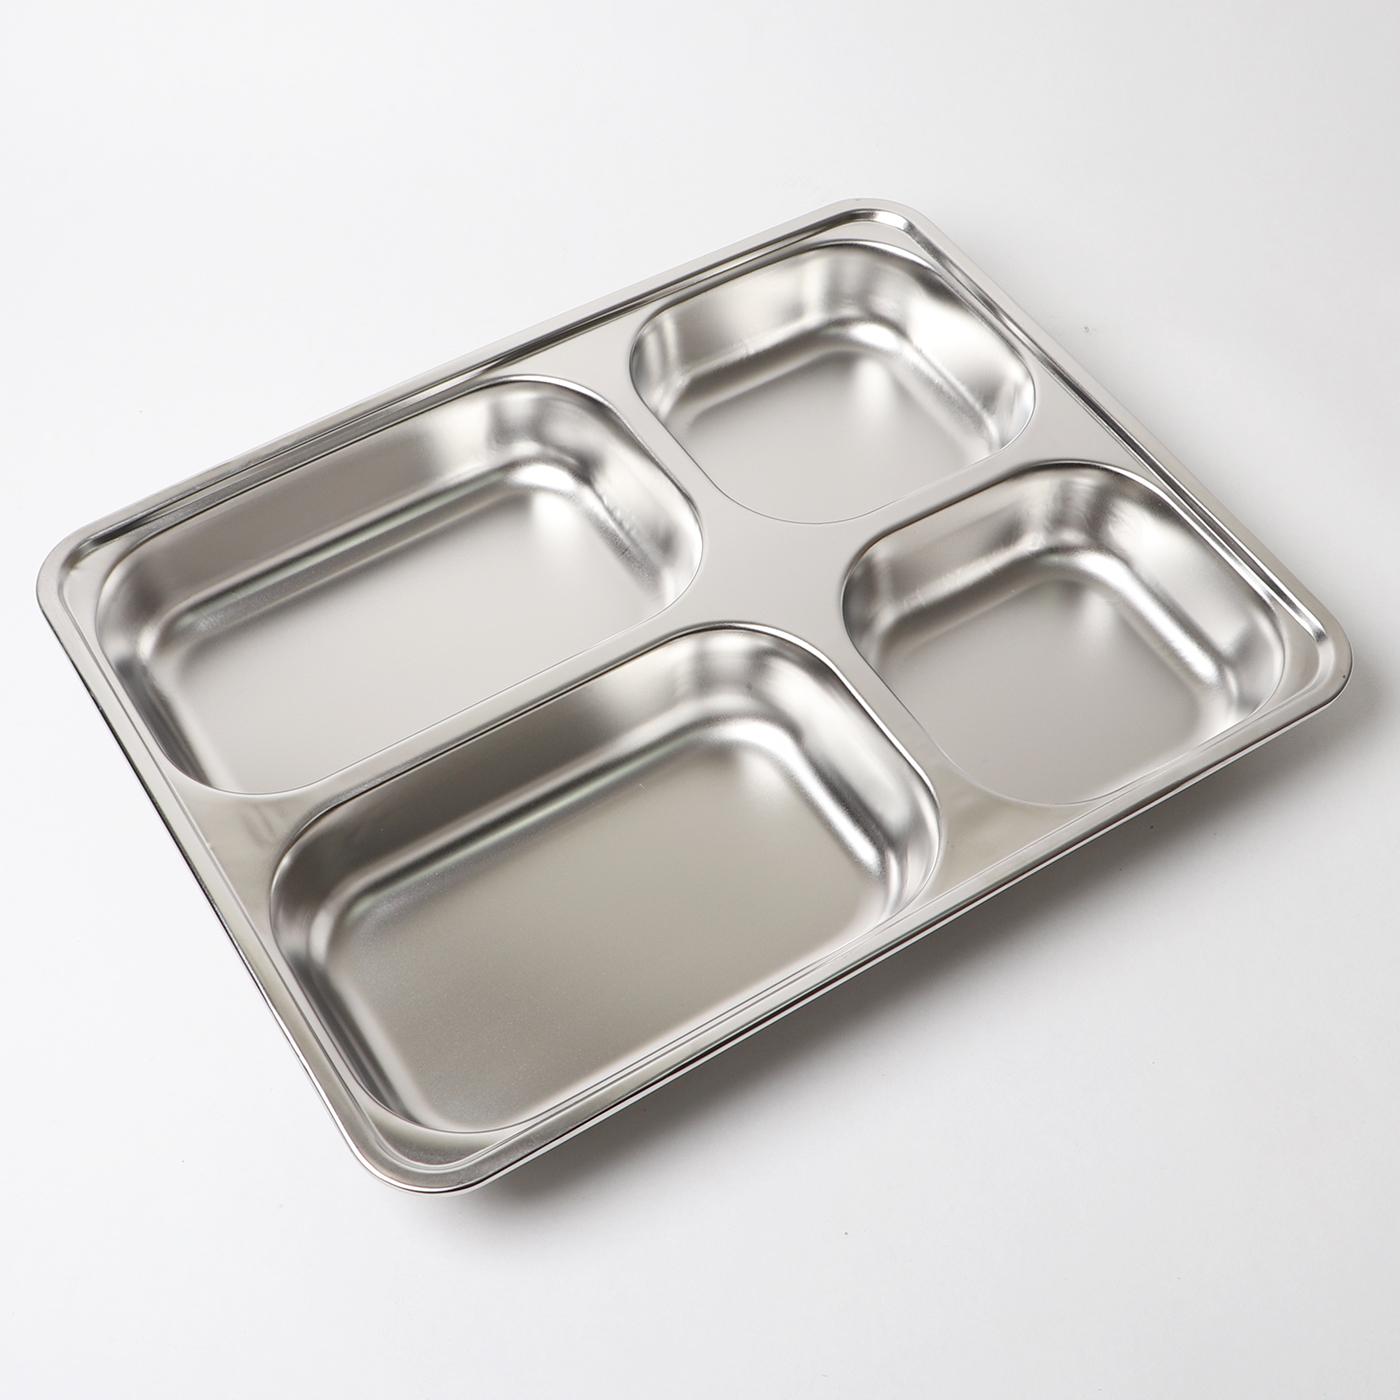 Khay đựng cơm 4 ngăn inox sáng bóng cao cấp KDC01 – Gia dụng bếp